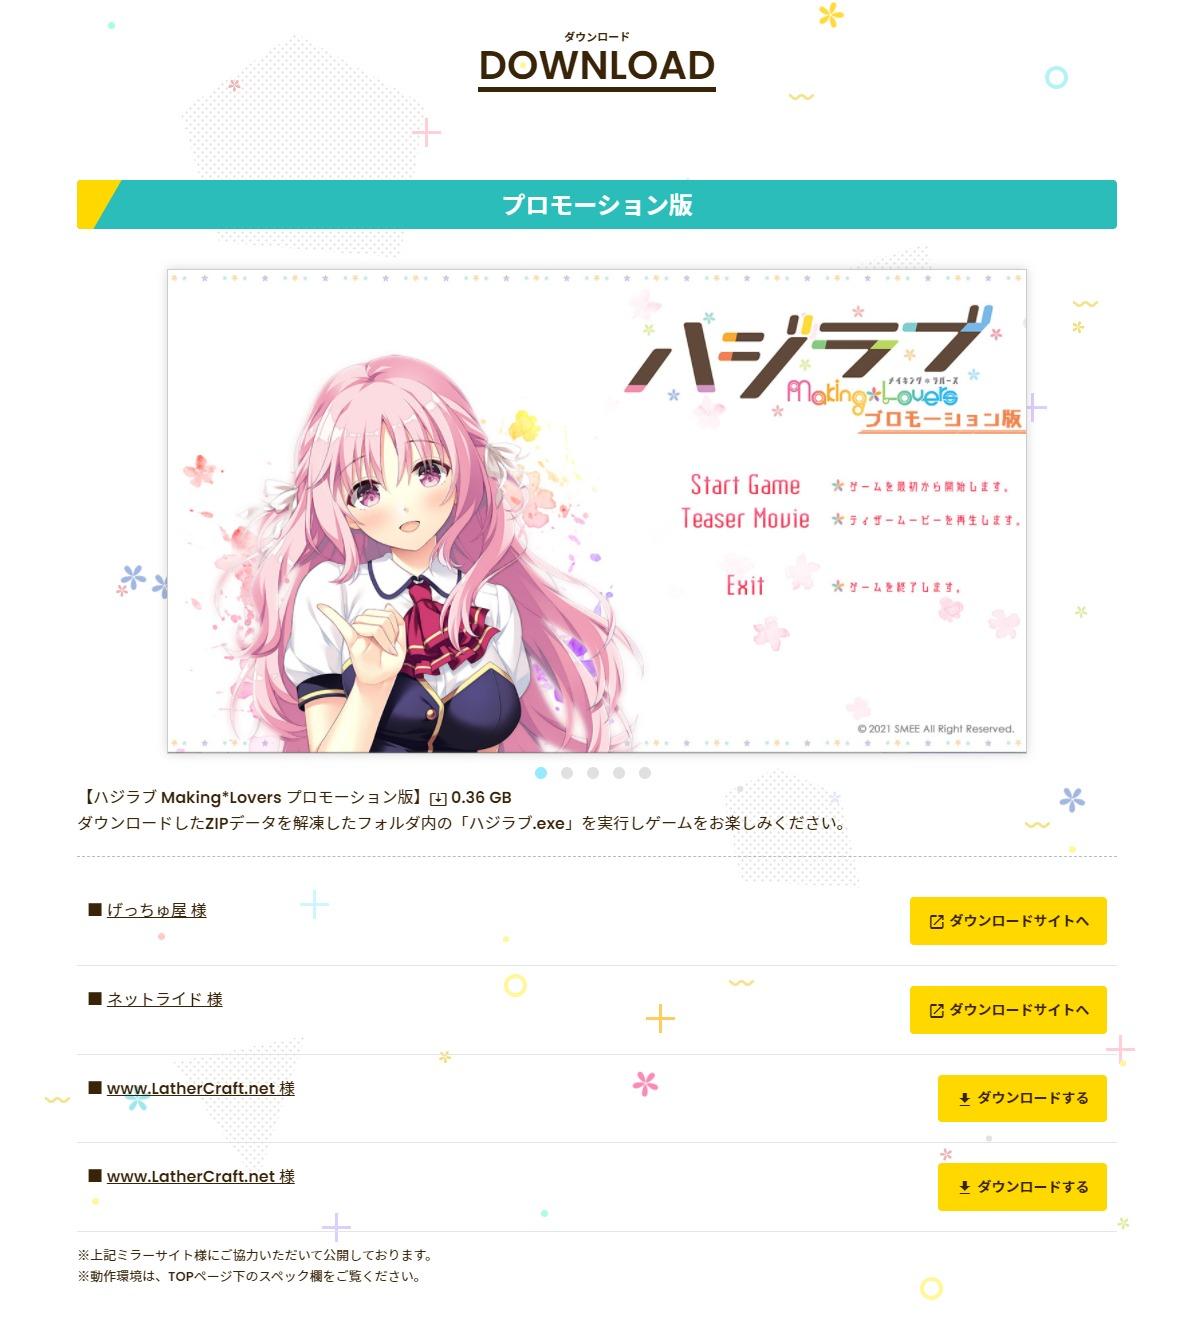 ダウンロード|ハジラブ-Making-Lovers-公式サイト